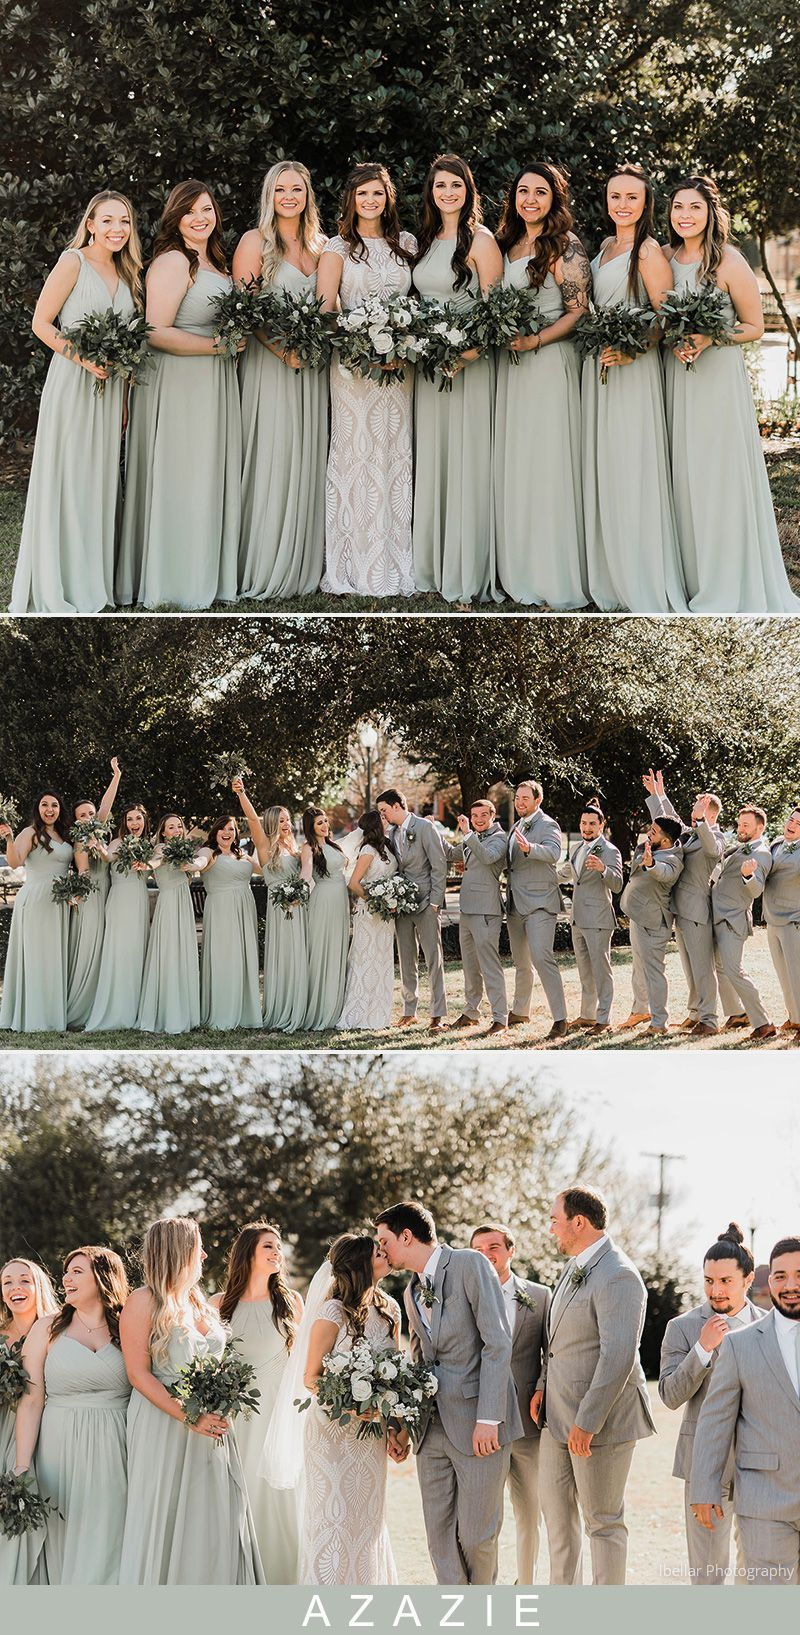 Azazie Dusty Sage Mismatched Bridesmaid Dresses Dress Your Bridesmaids In These L Sage Bridesmaid Dresses Sage Green Bridesmaid Dress Summer Bridesmaid Dresses [ 1635 x 800 Pixel ]